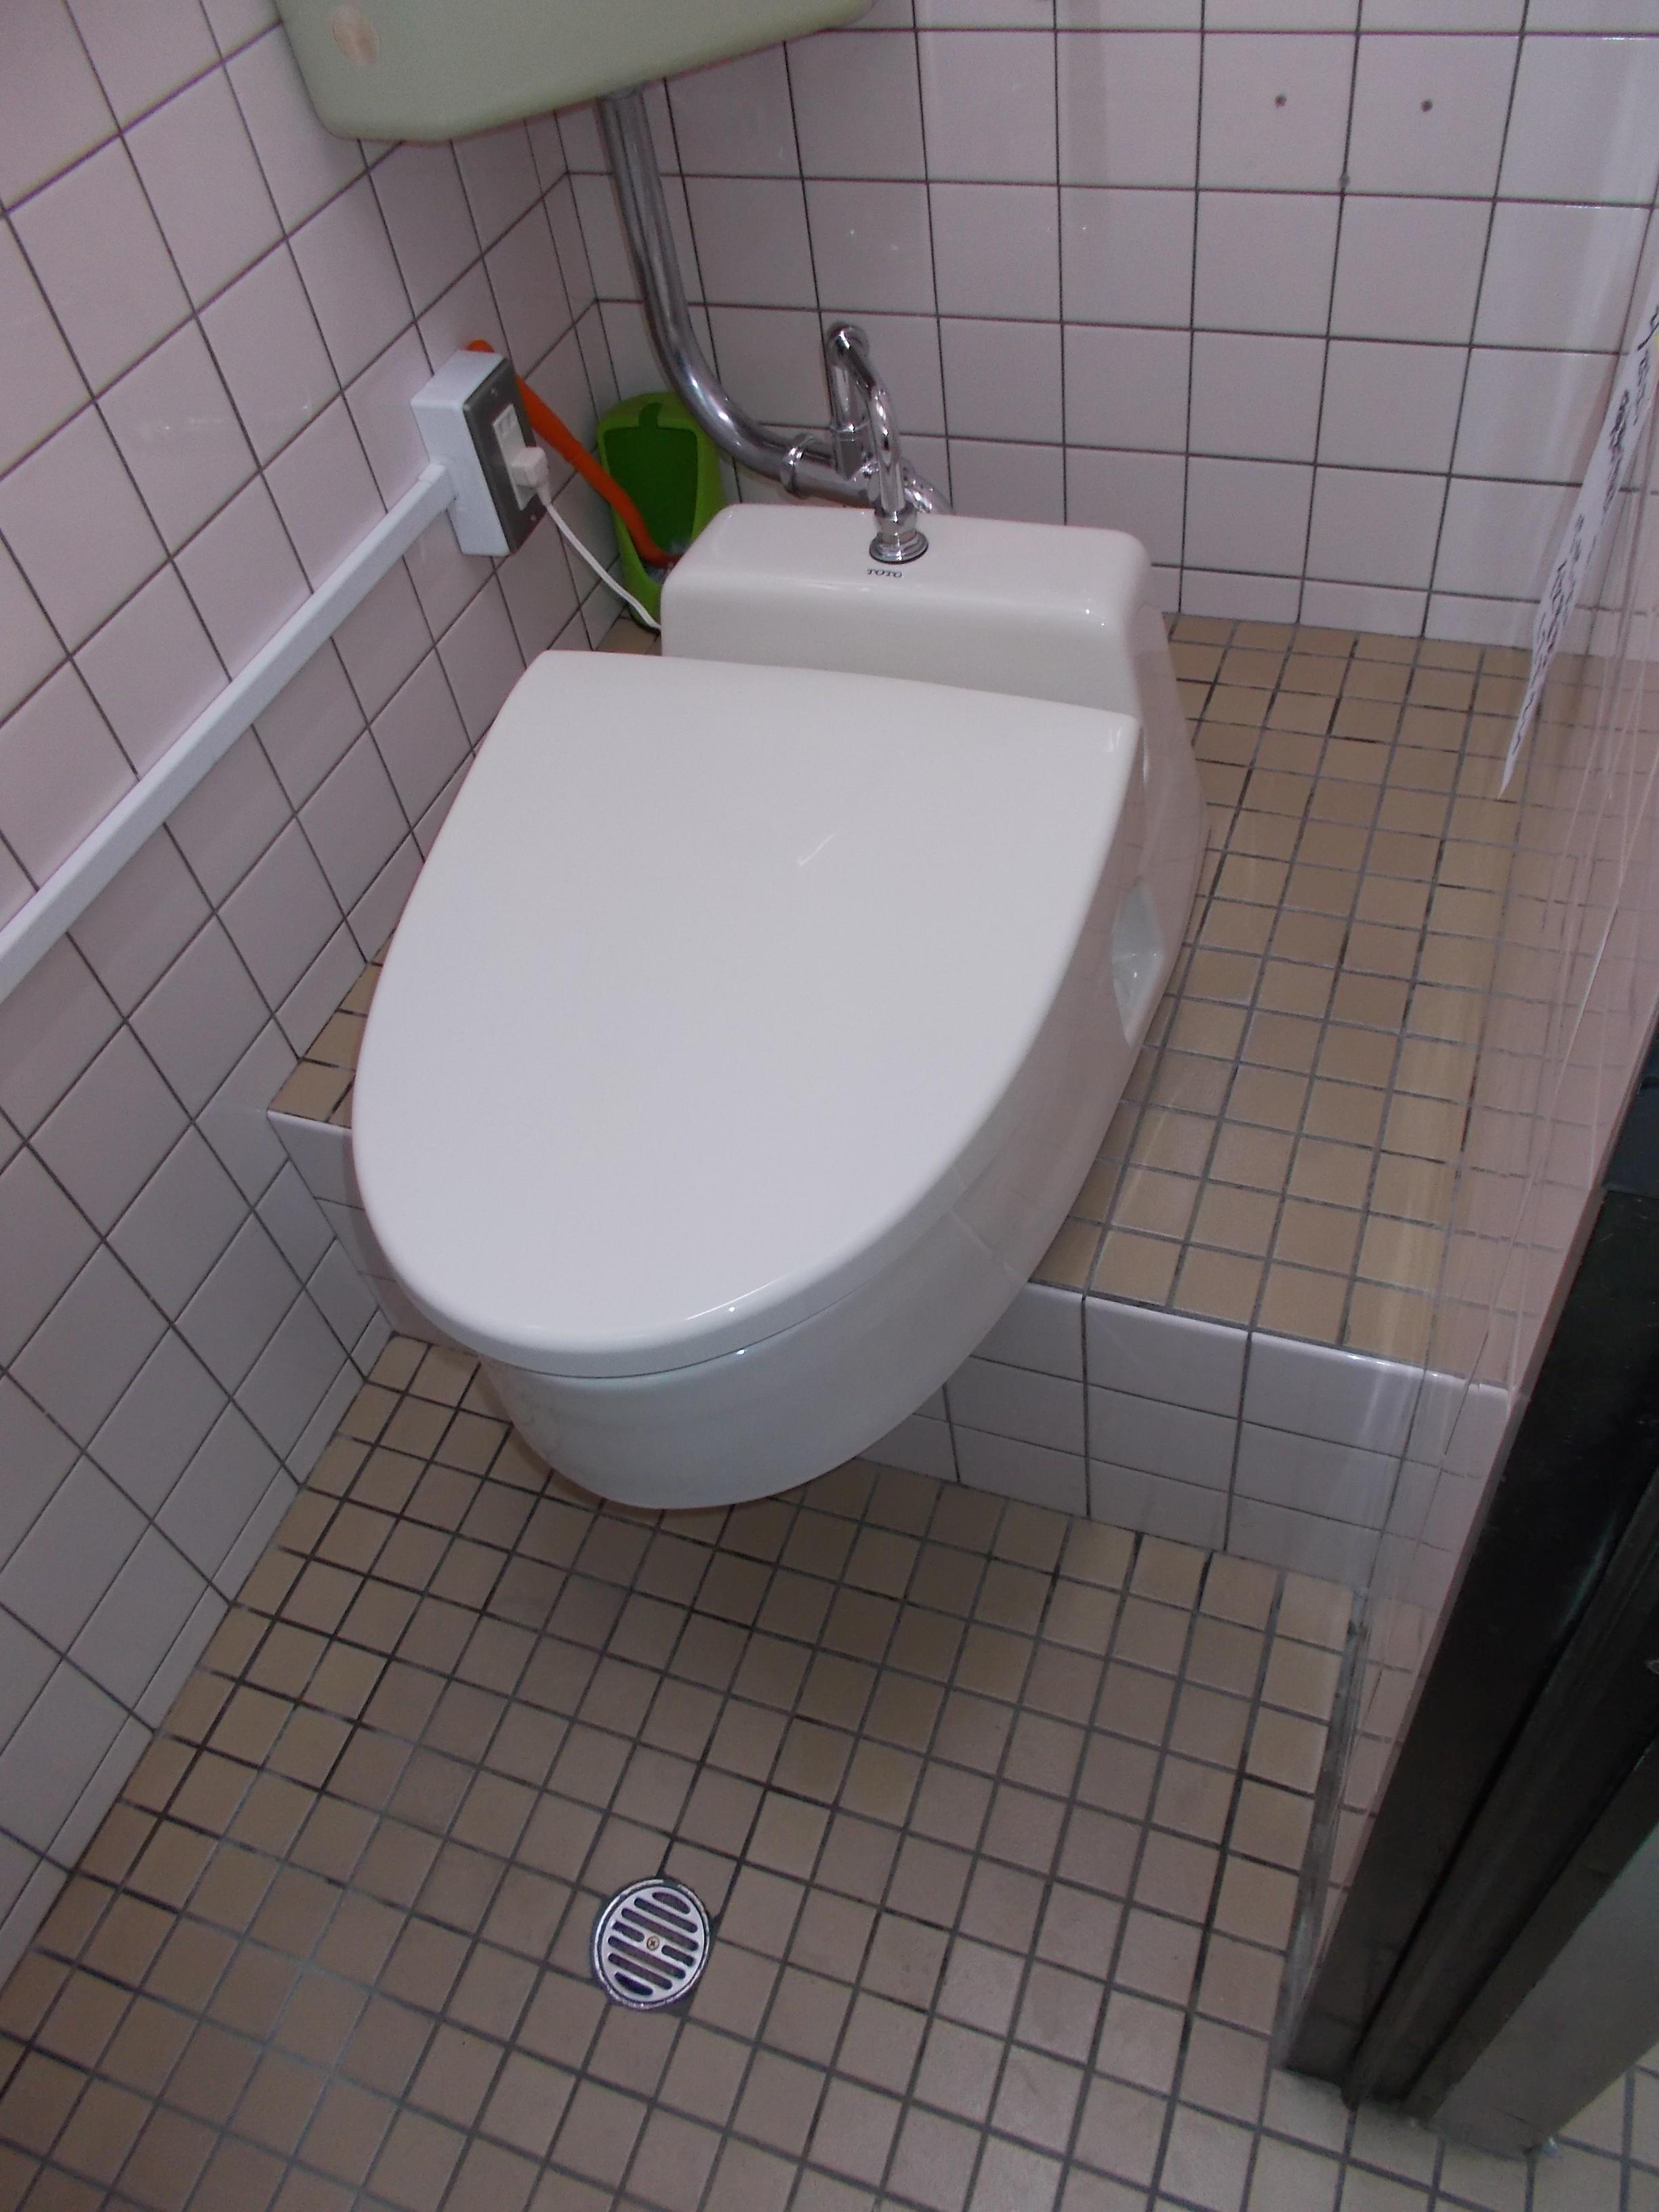 K社様。和式トイレを簡易洋式トイレにされた事例です。